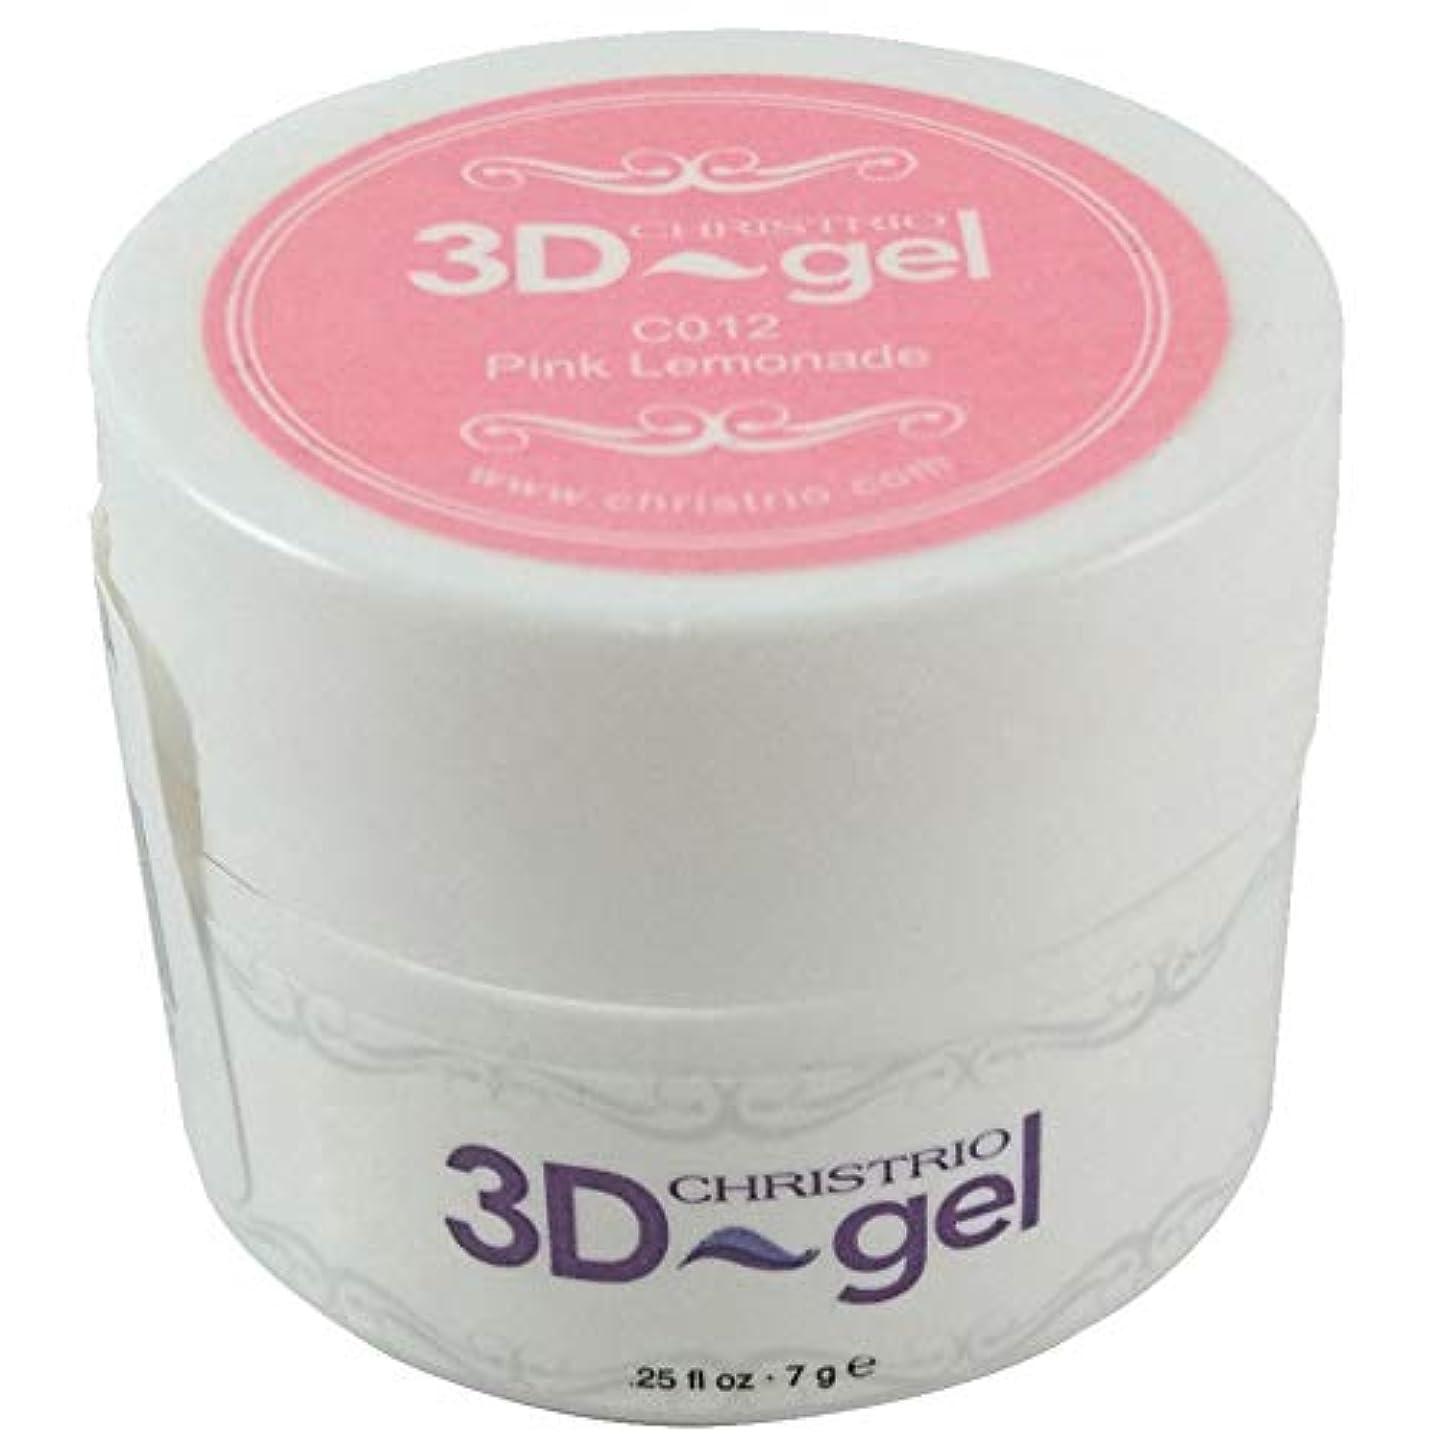 五十レモン吸収するCHRISTRIO 3Dジェル 7g C012 ピンクレモネード